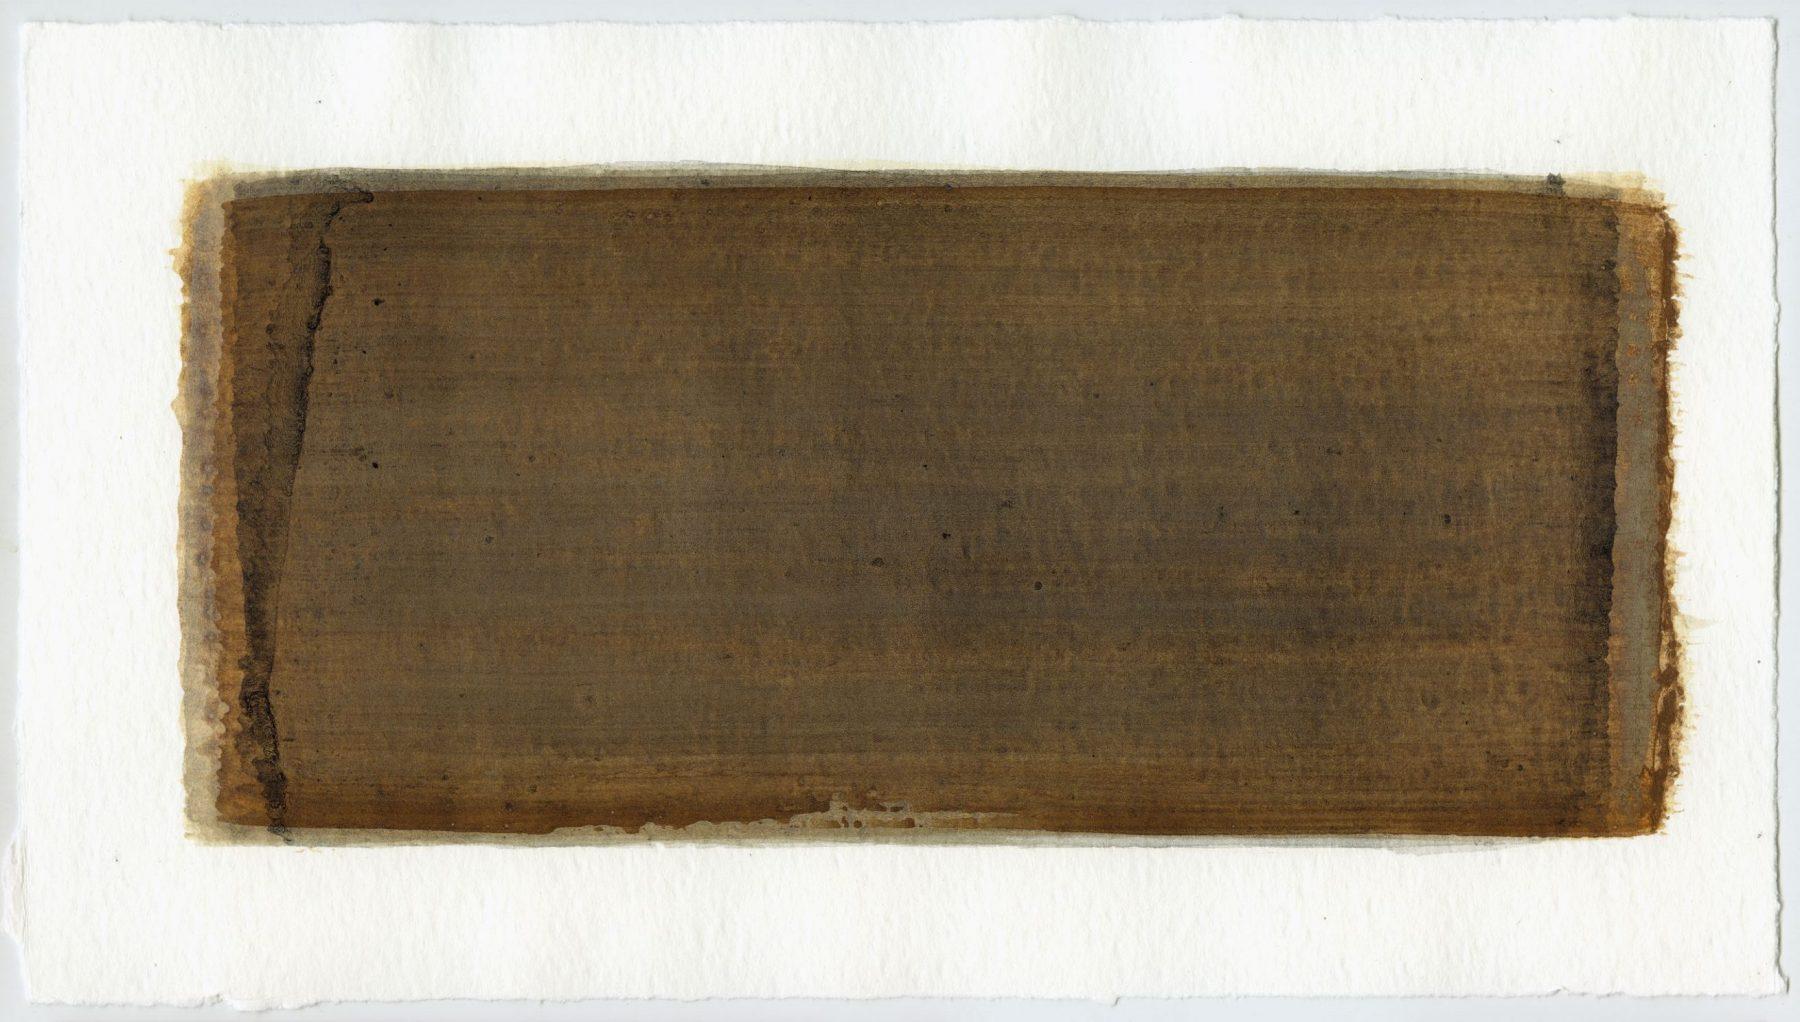 Brush stroke no. 65 - Selfmade pigment: IJzeroer, Boekels grijs, IJzeroer, Slingerpad zwart